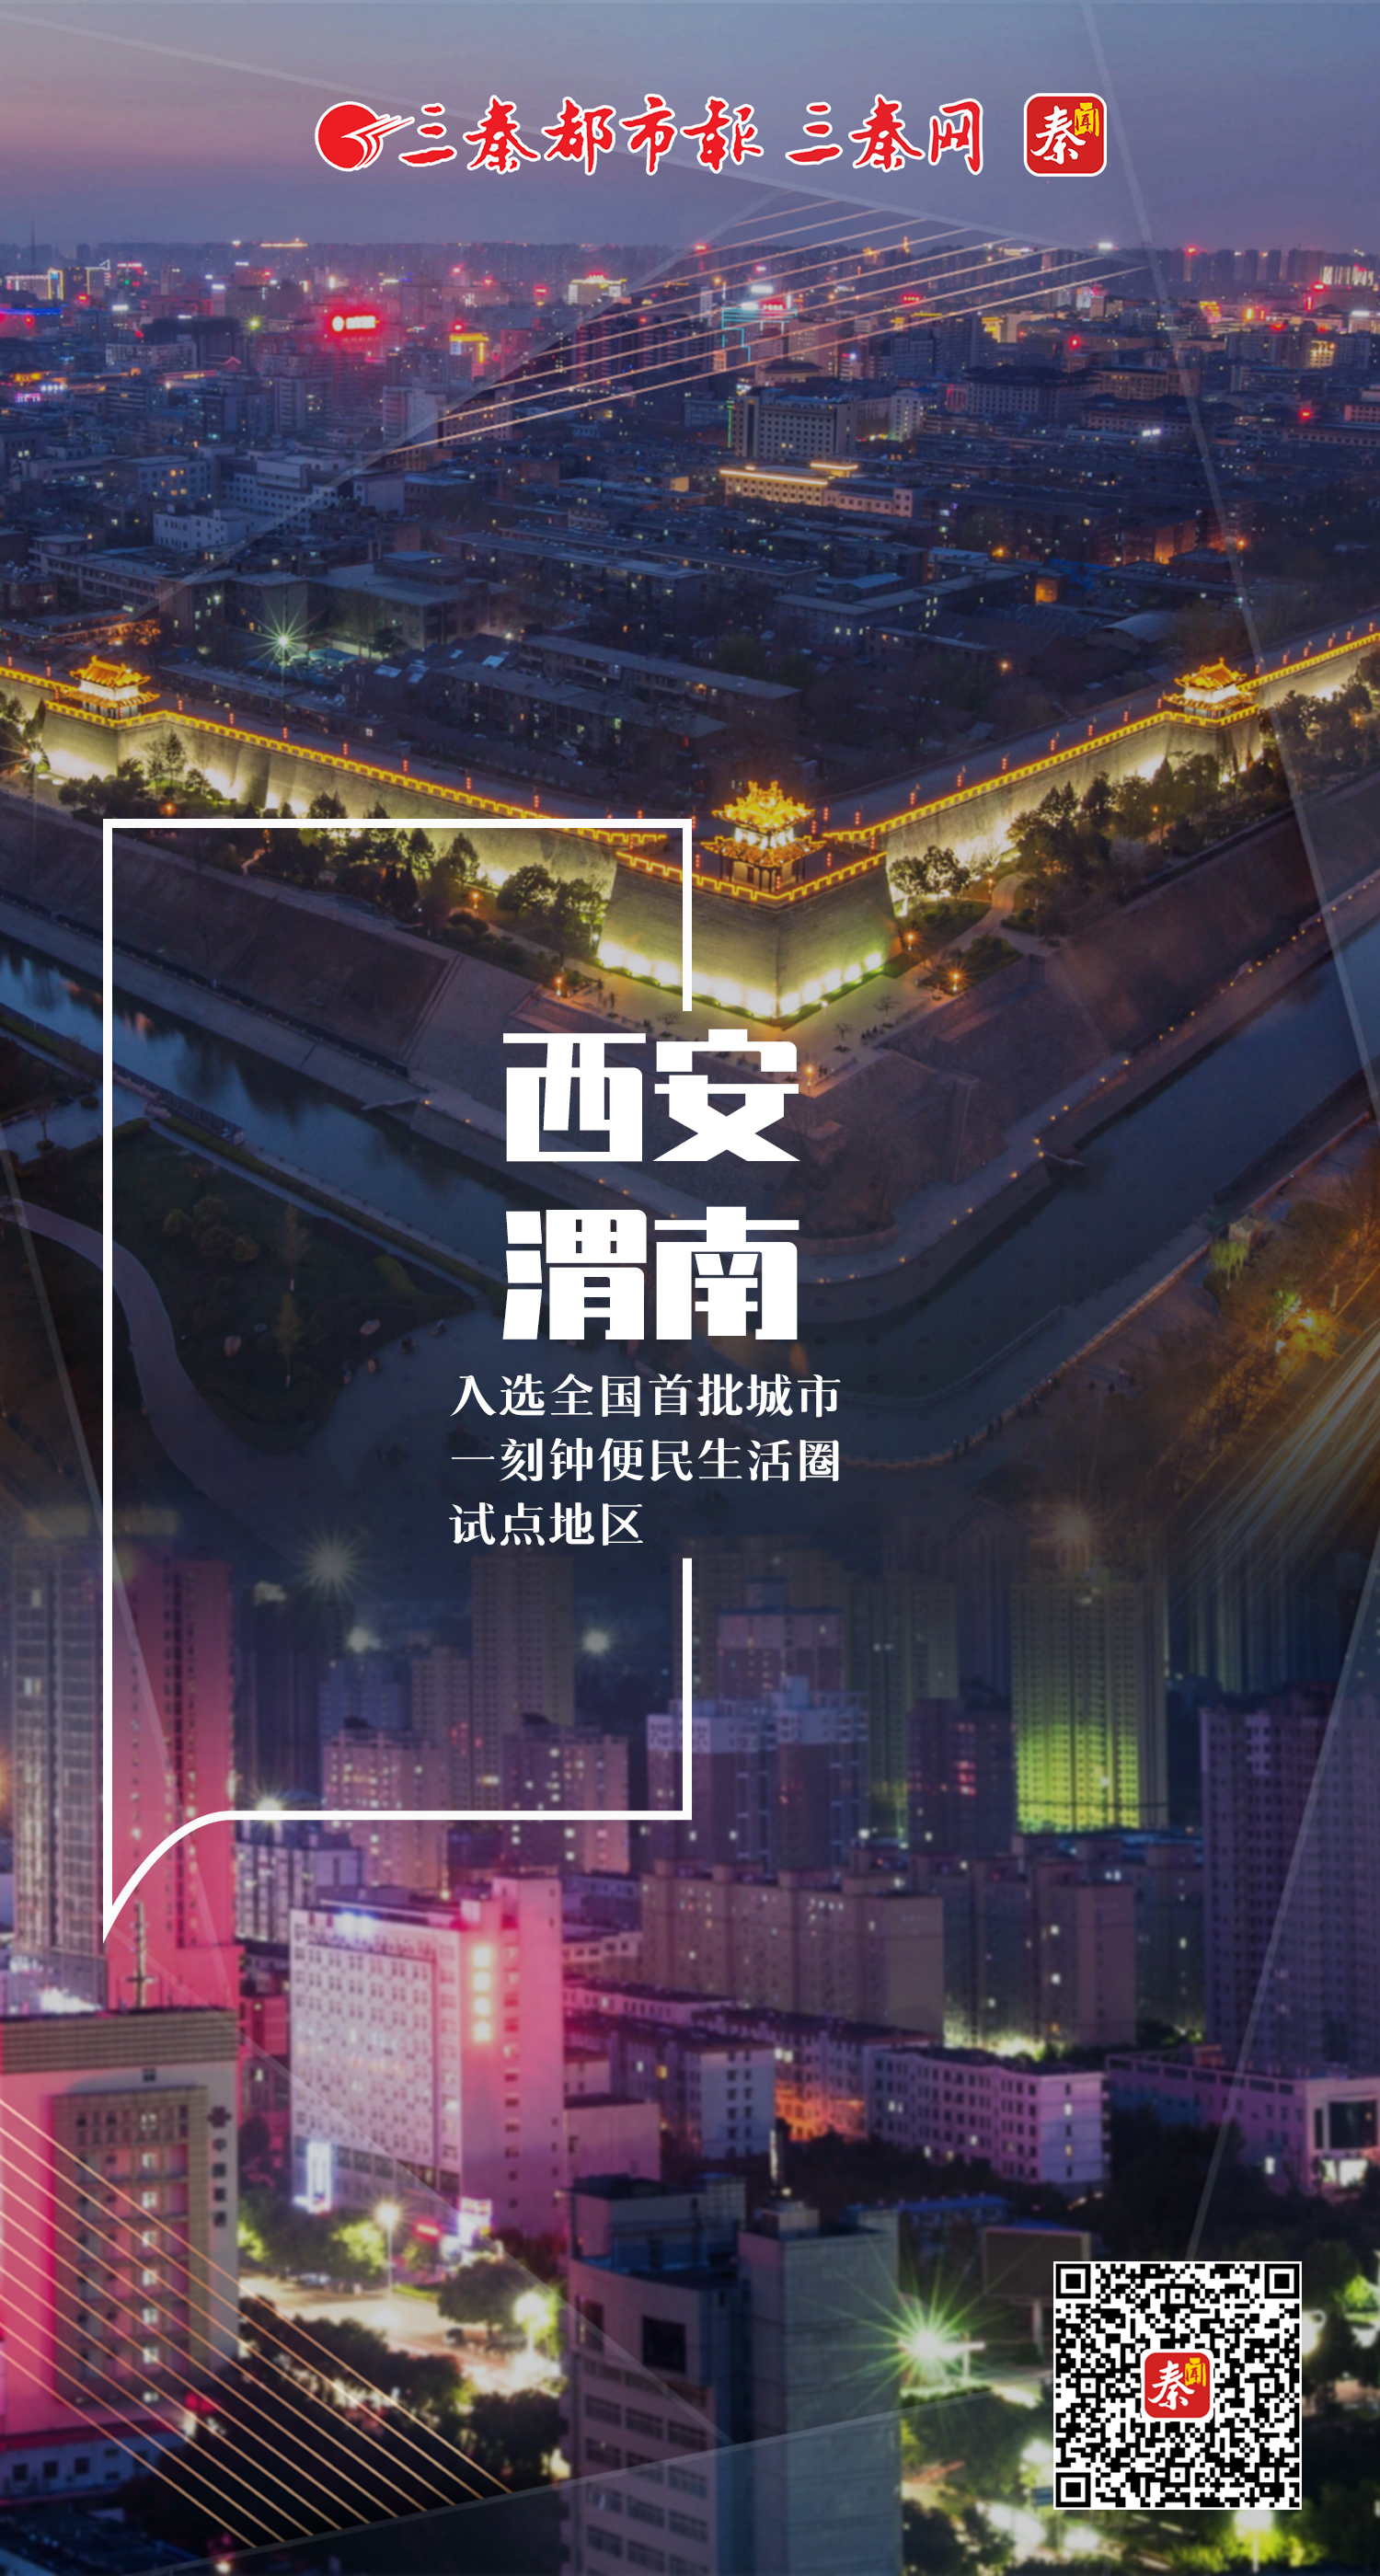 西安 渭南入选全国首批城市一刻钟便民生活圈试点地区